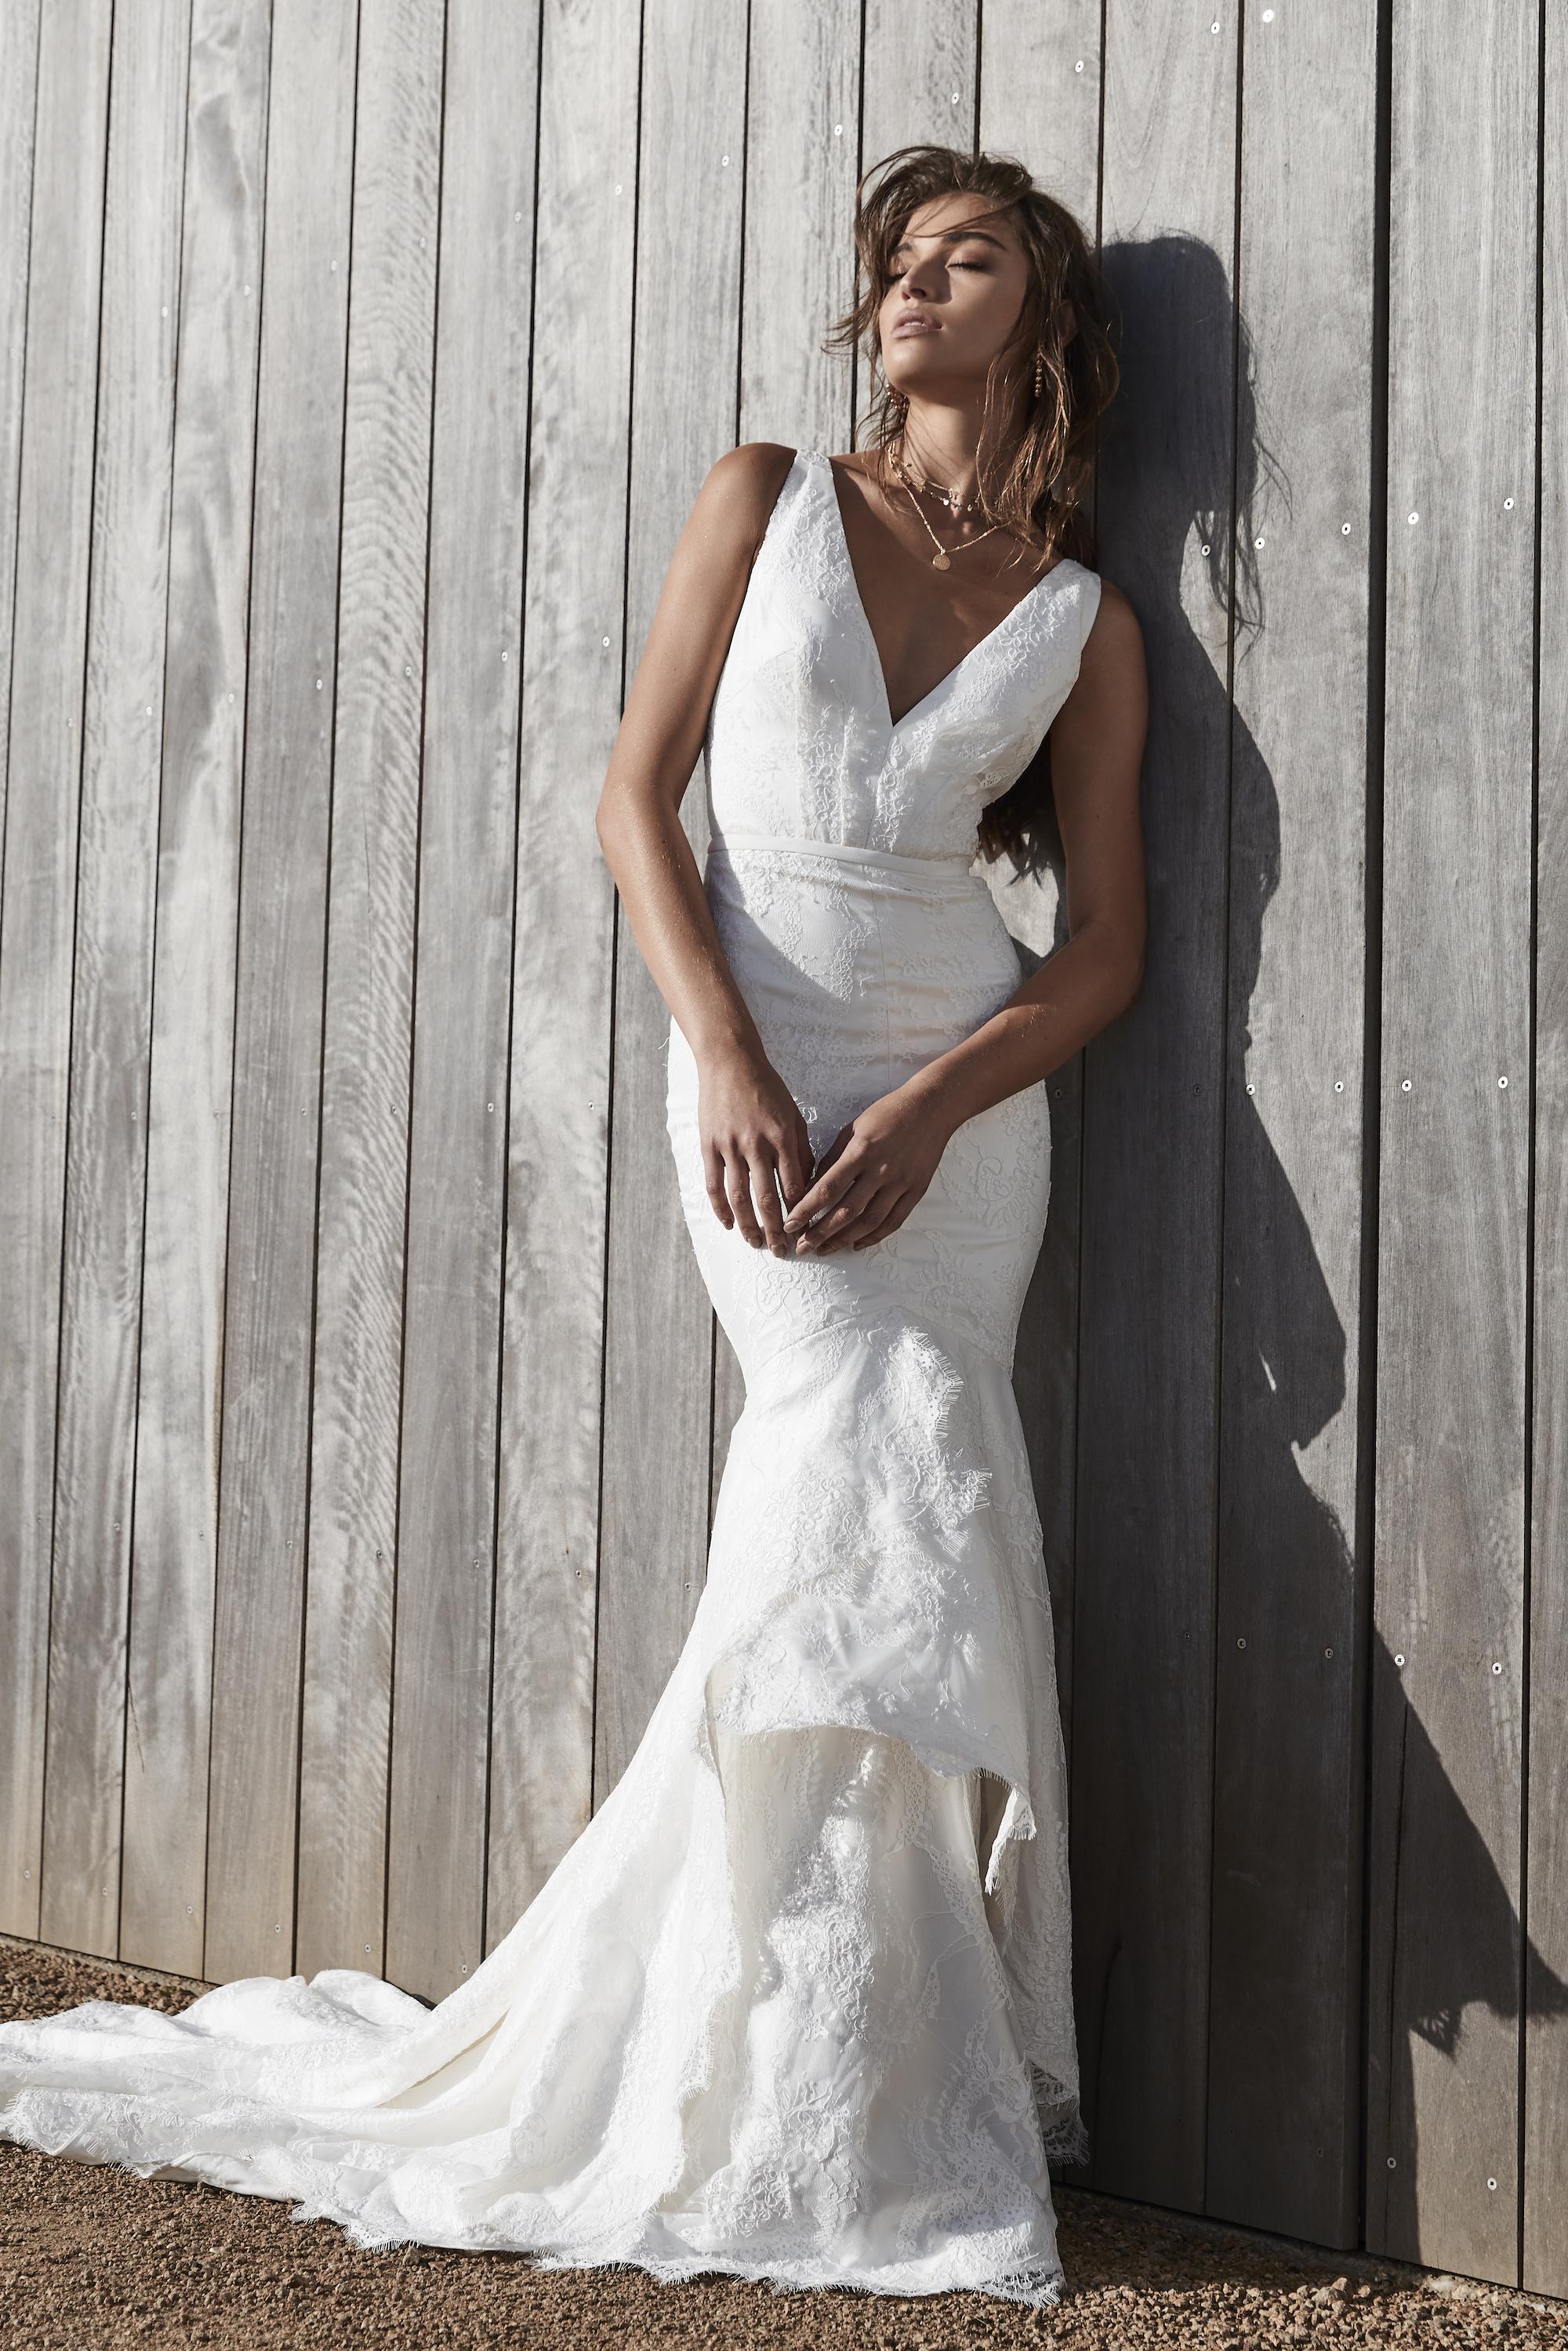 chosen-new-reign-june-wedding-dress-1-colour.jpg